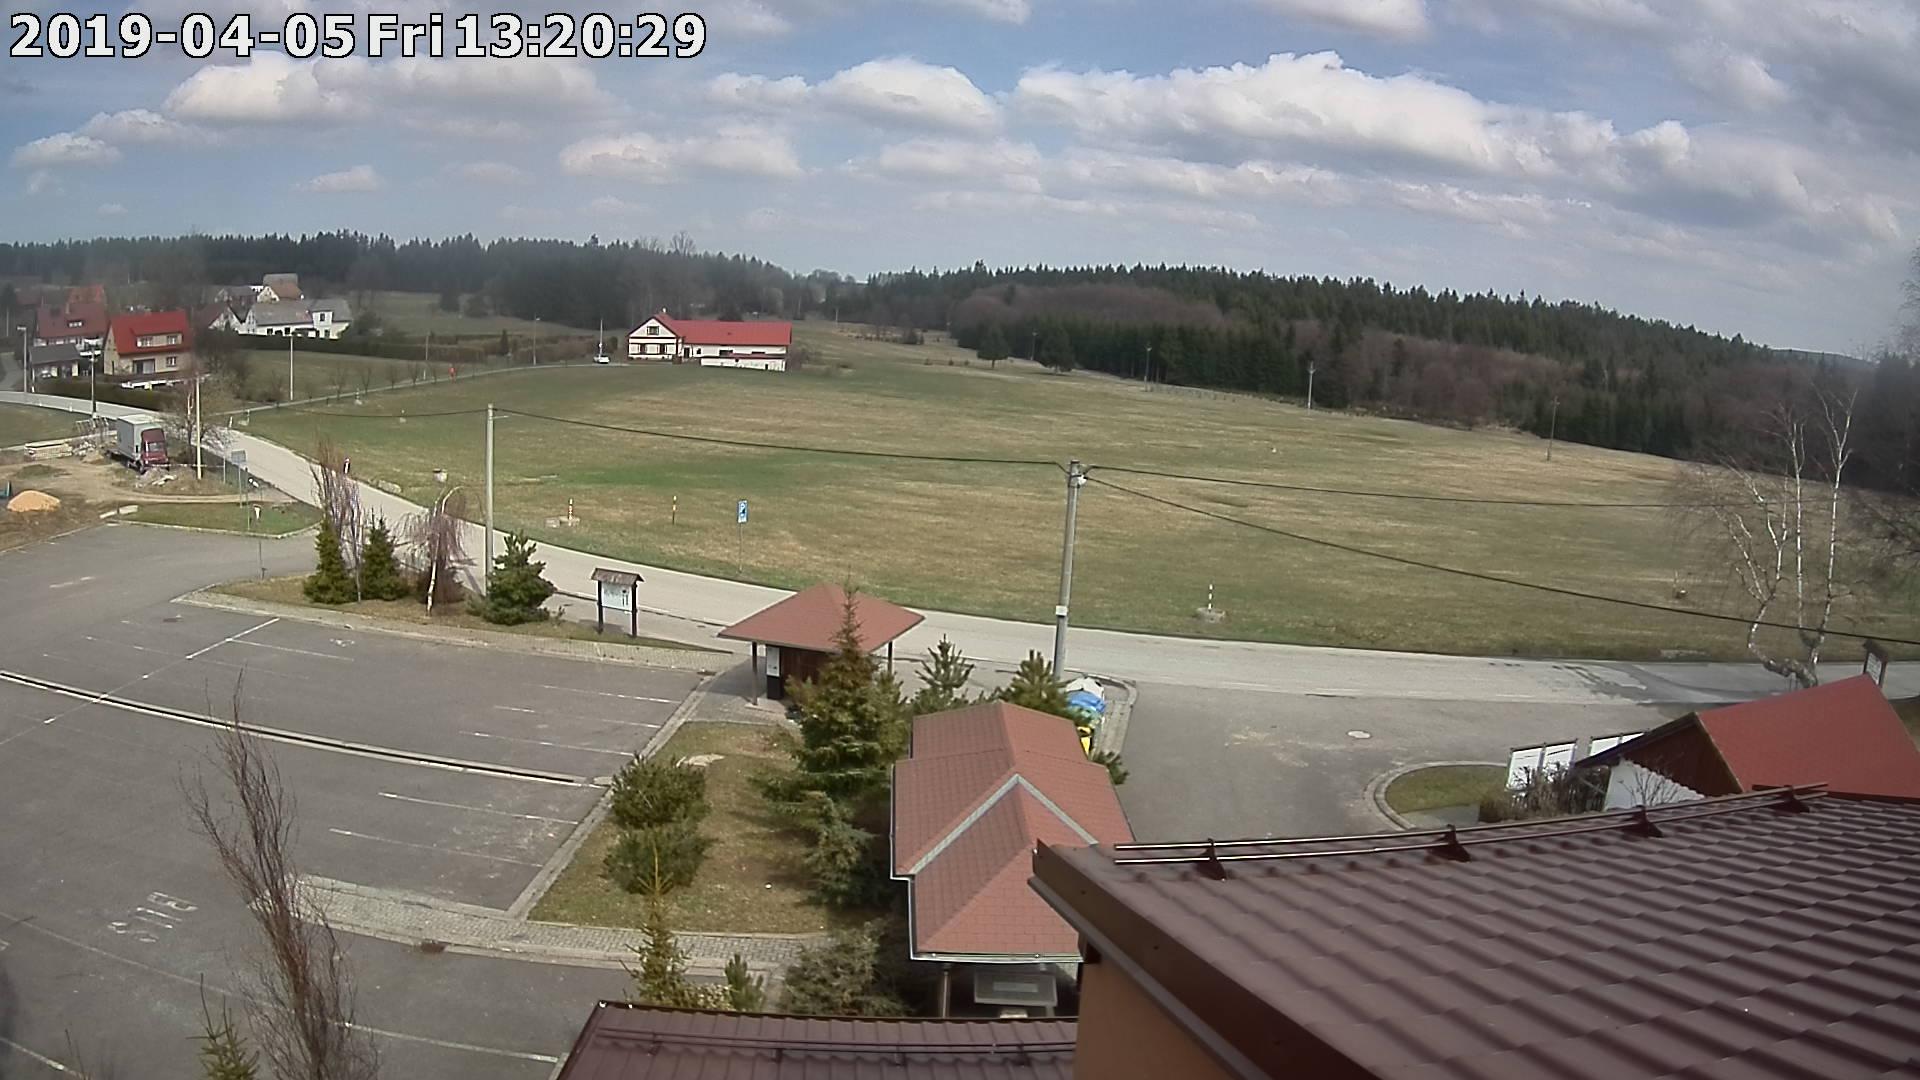 Webkamera ze dne 2019-04-05